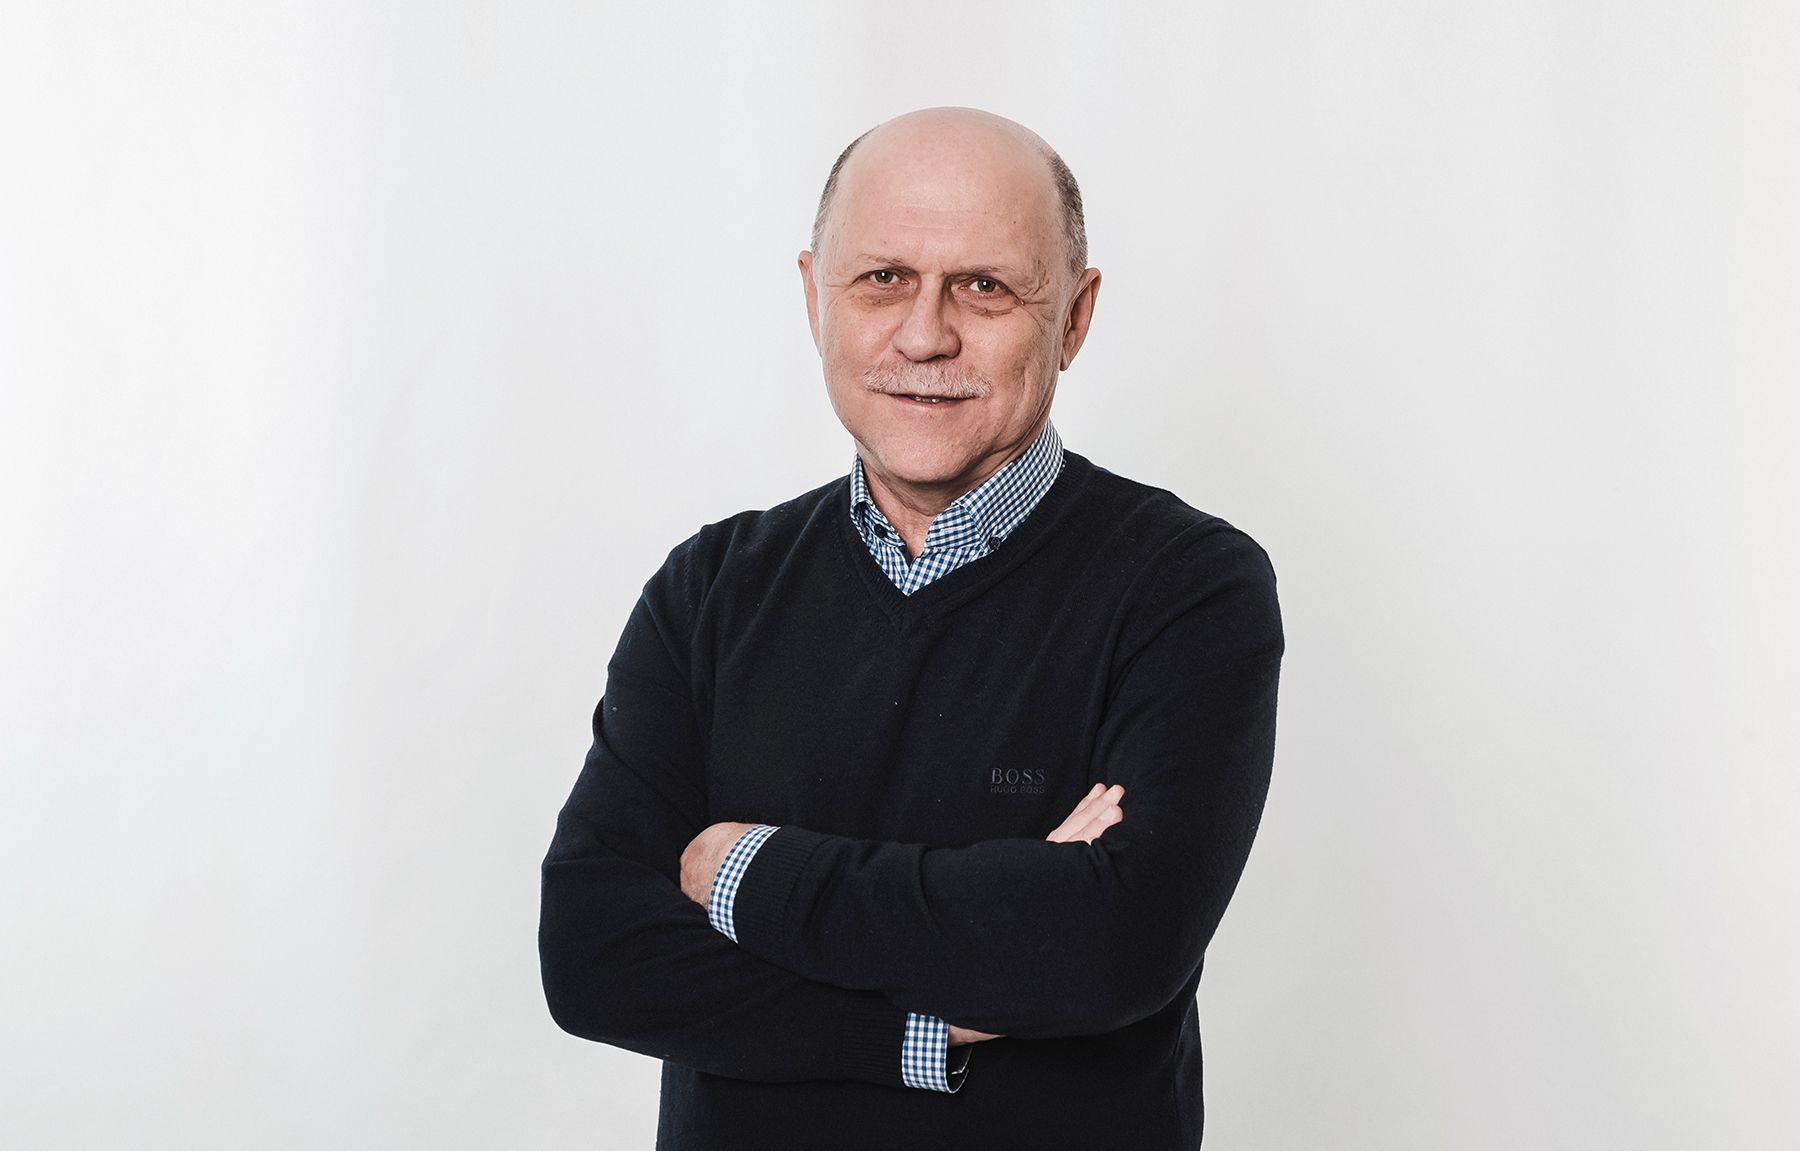 Директор Института цифровой экономики ВГУЭС Лев Мазелис: кто знает математику, всегда найдет работу мечты